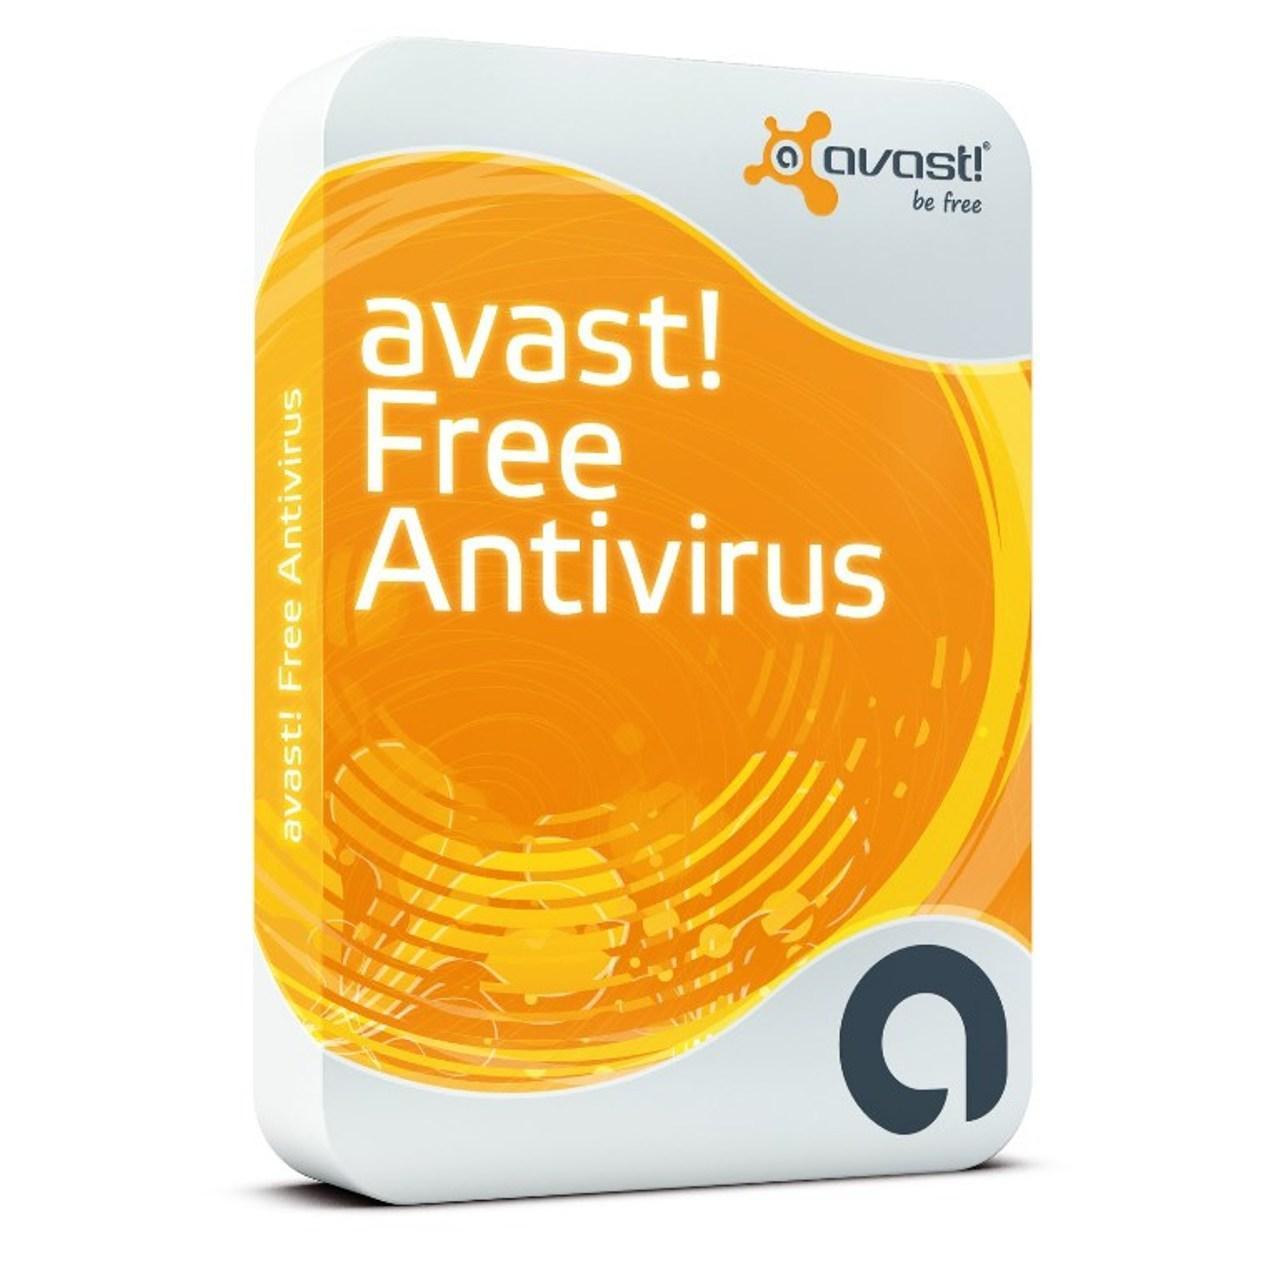 télécharger avast antivirus gratuit